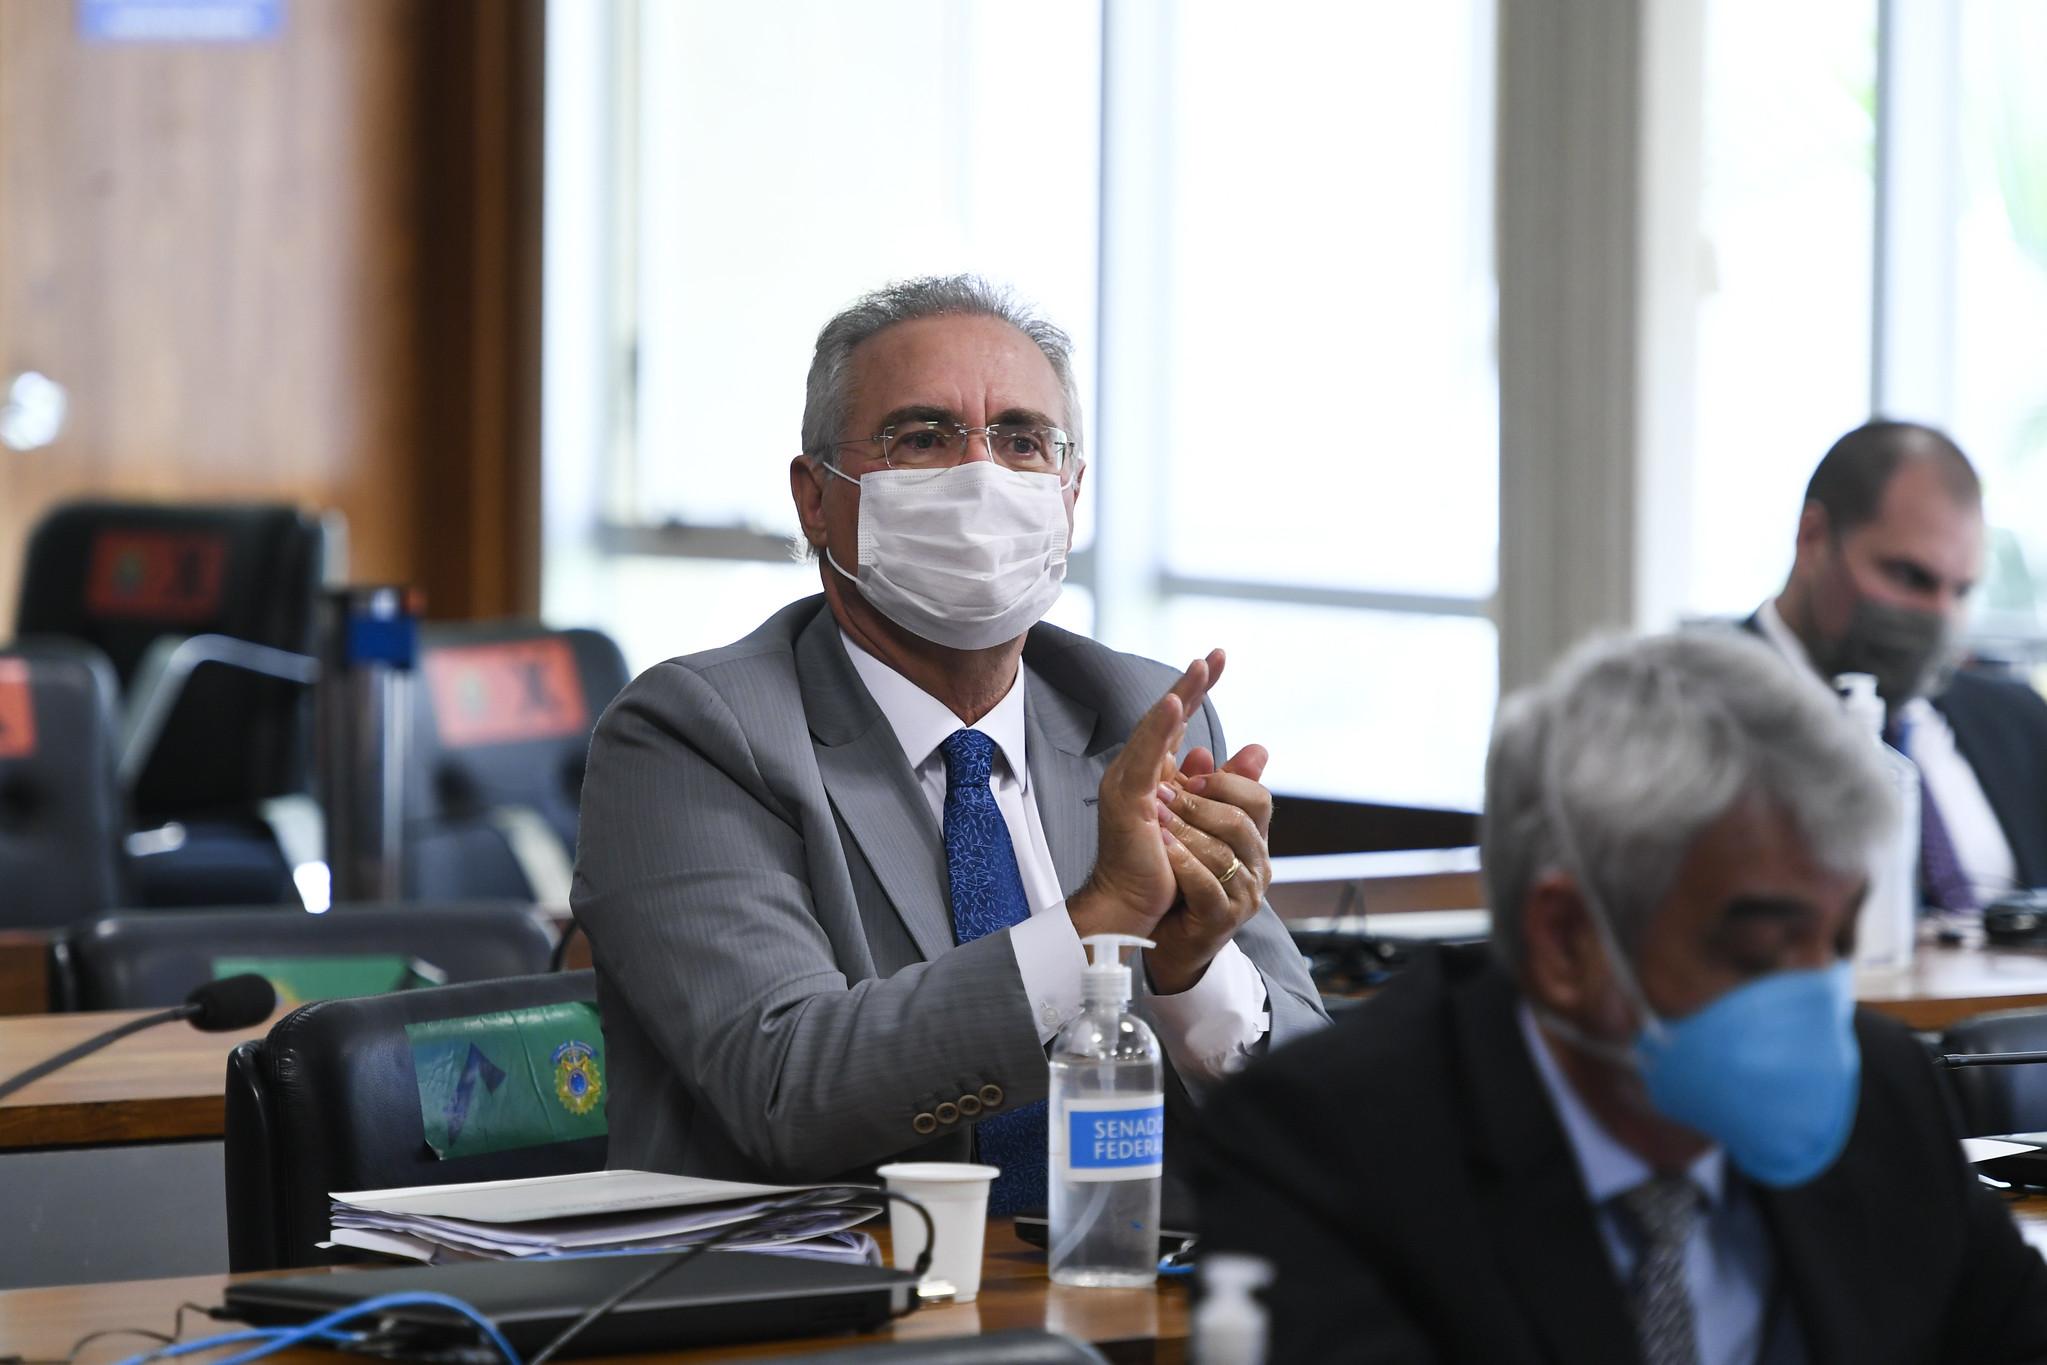 O senador Renan Calheiros (MDB-AL) foi escolhido relator da CPI da Covid